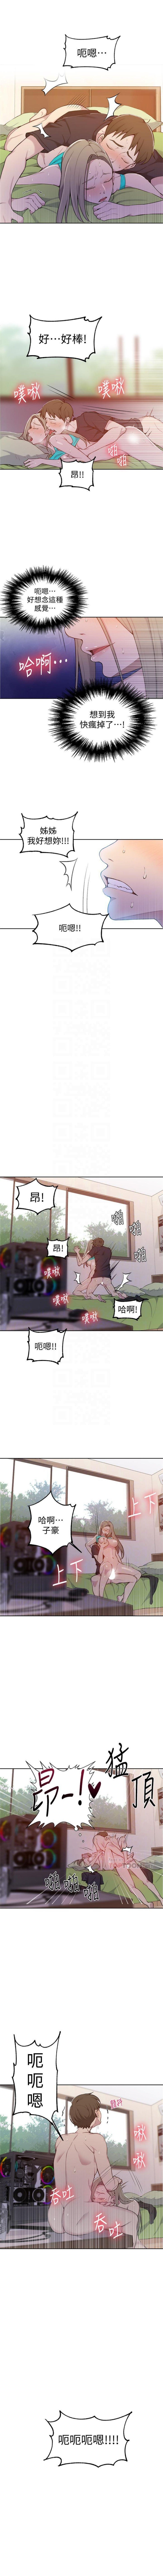 秘密教學  1-55 官方中文(連載中) 319